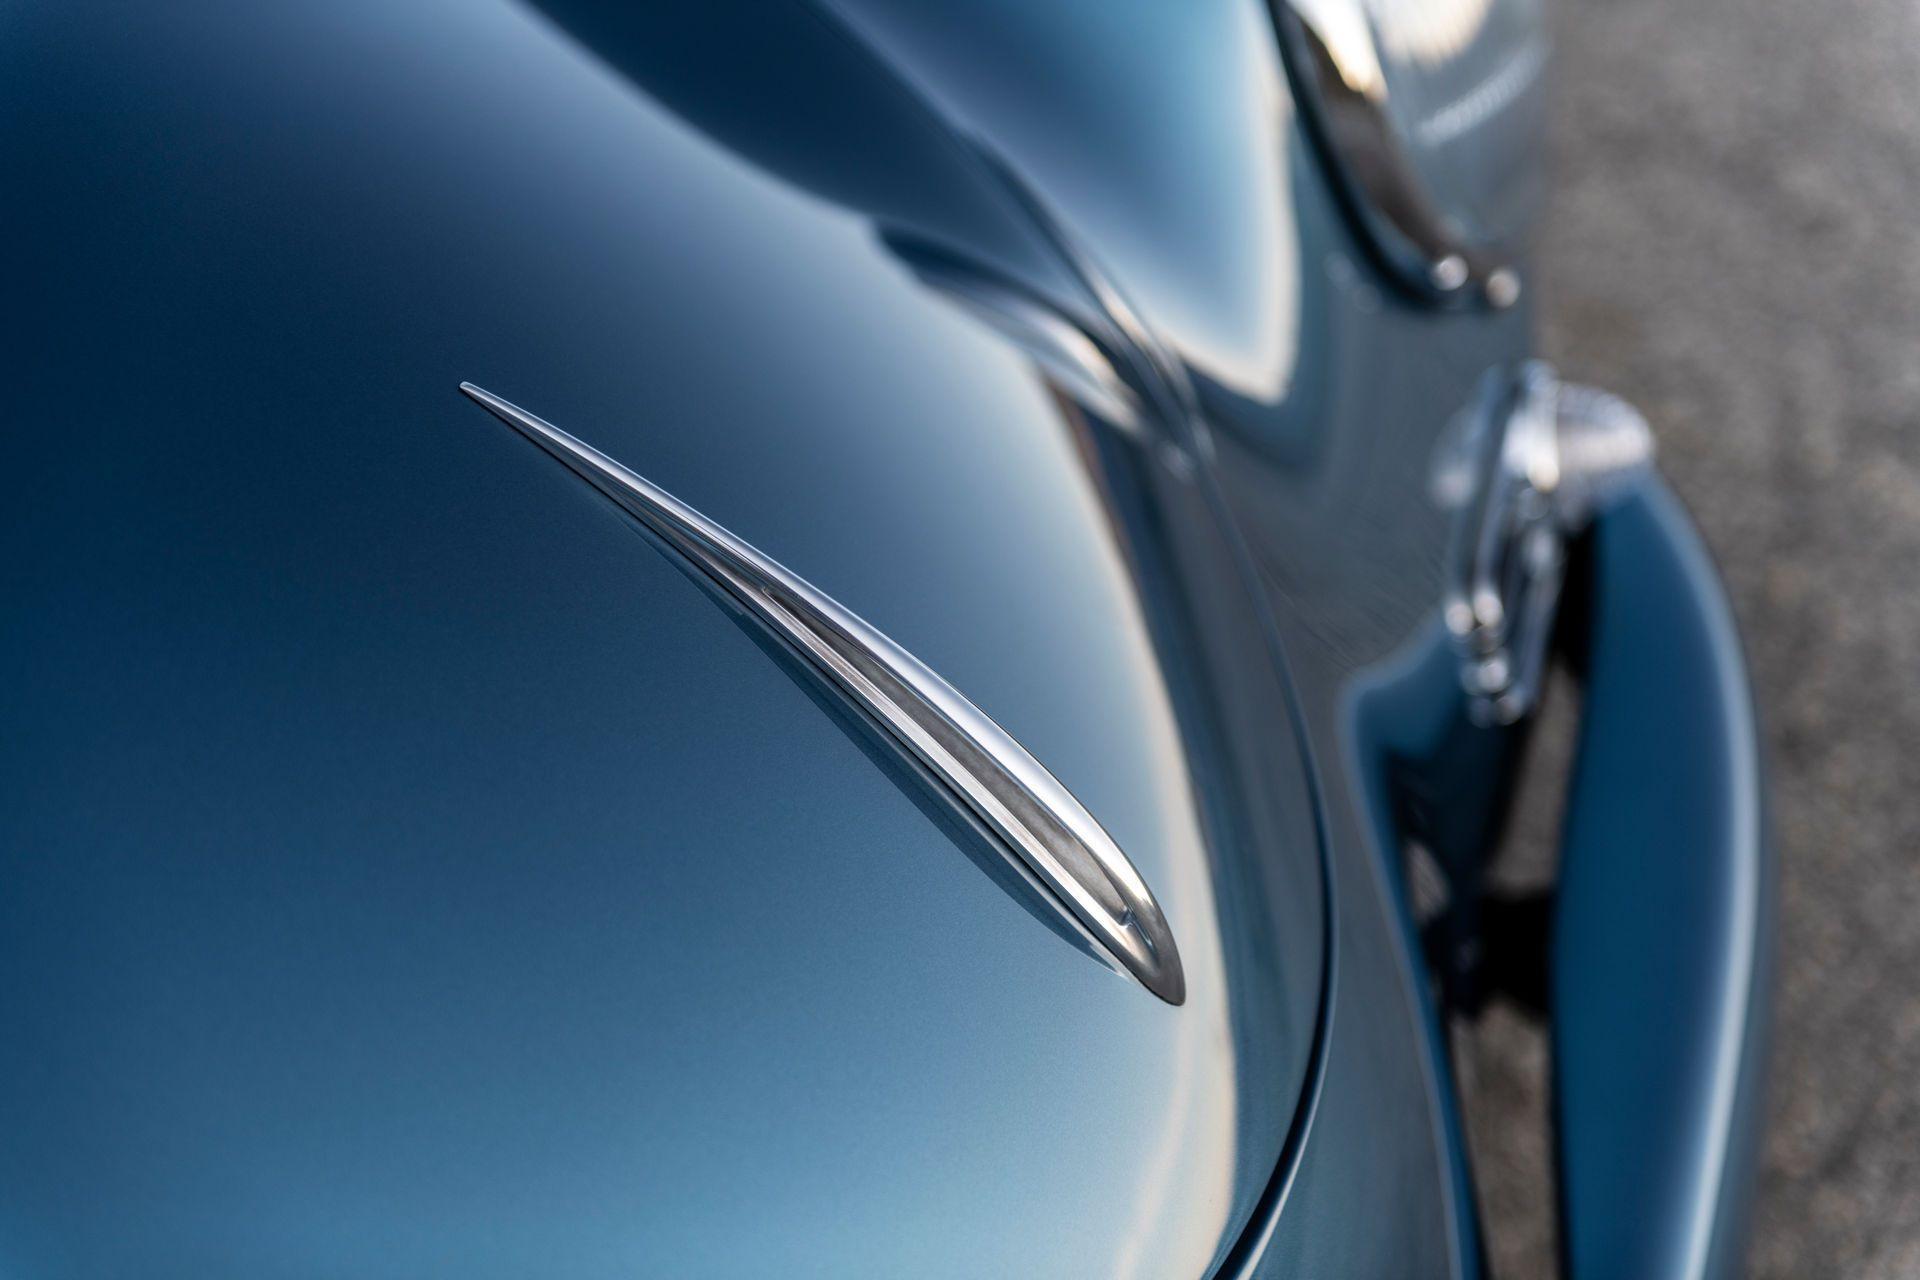 Porsche-356-A-Coupe-Restomod-Emory-Motorsports-10